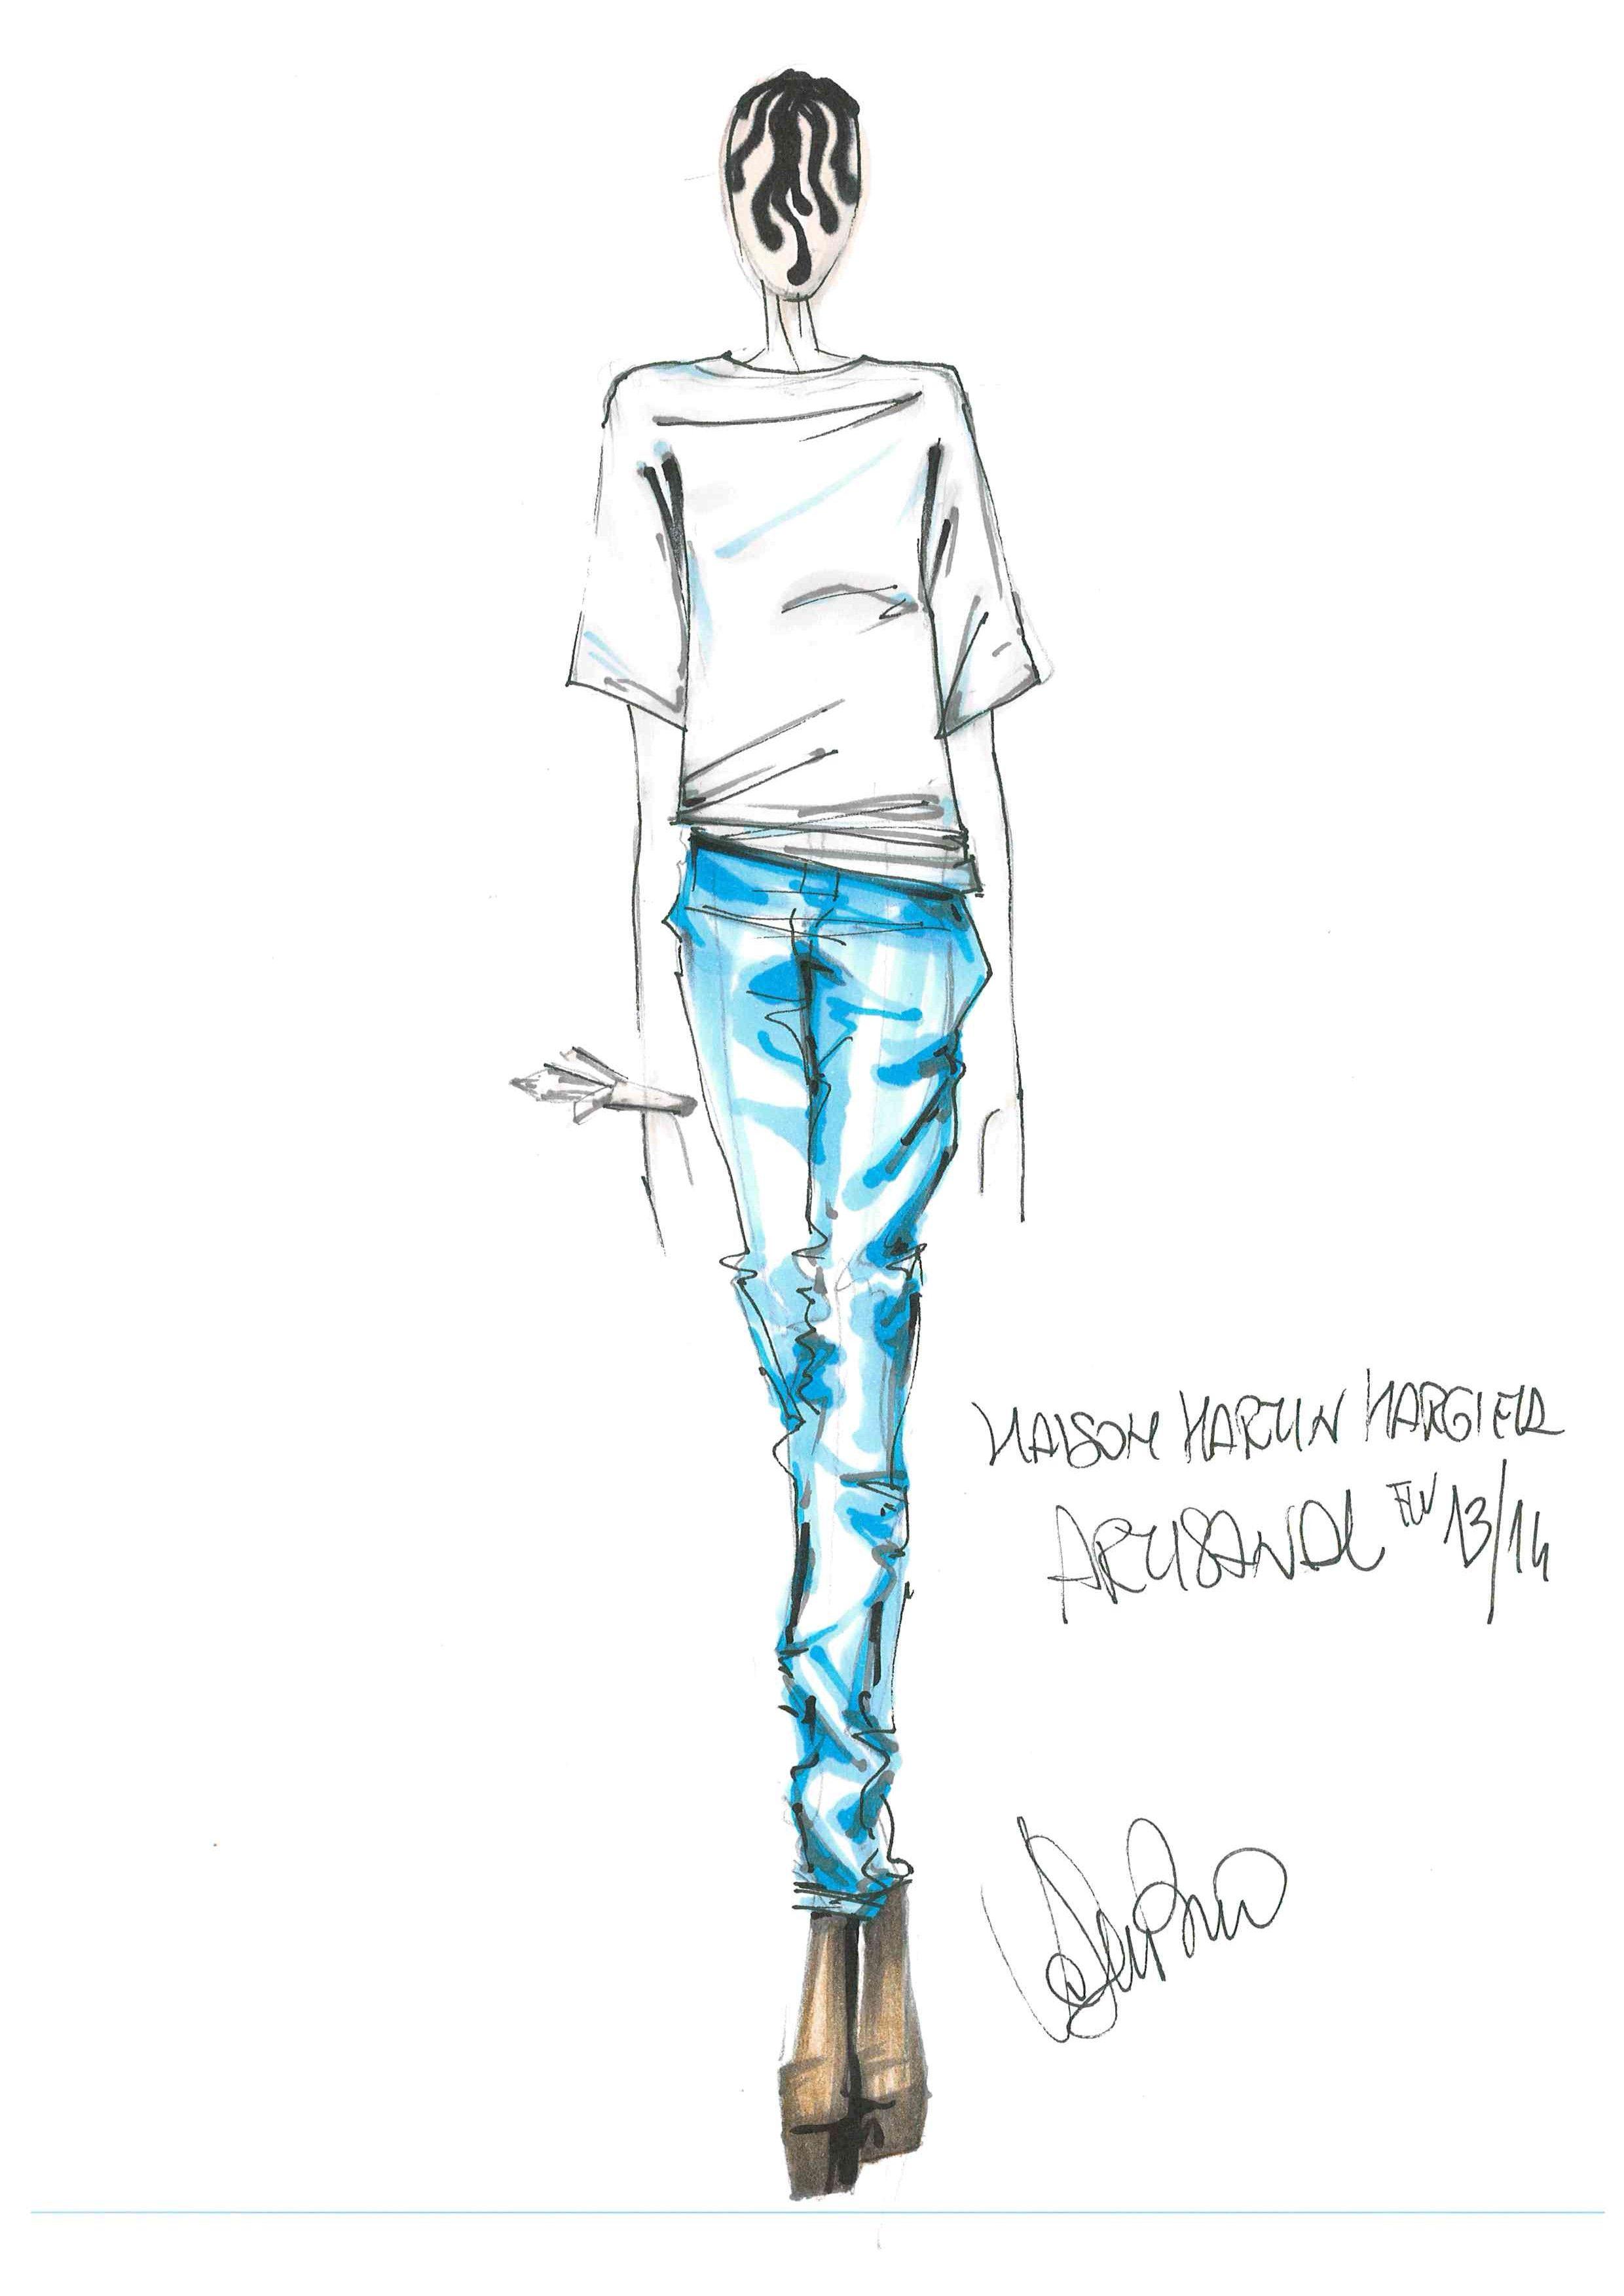 @Maison Martin Margiela nel #bozzetto di Valentino Fiammetta, #fashion #designer by #harim #accademiaeuromediterranea